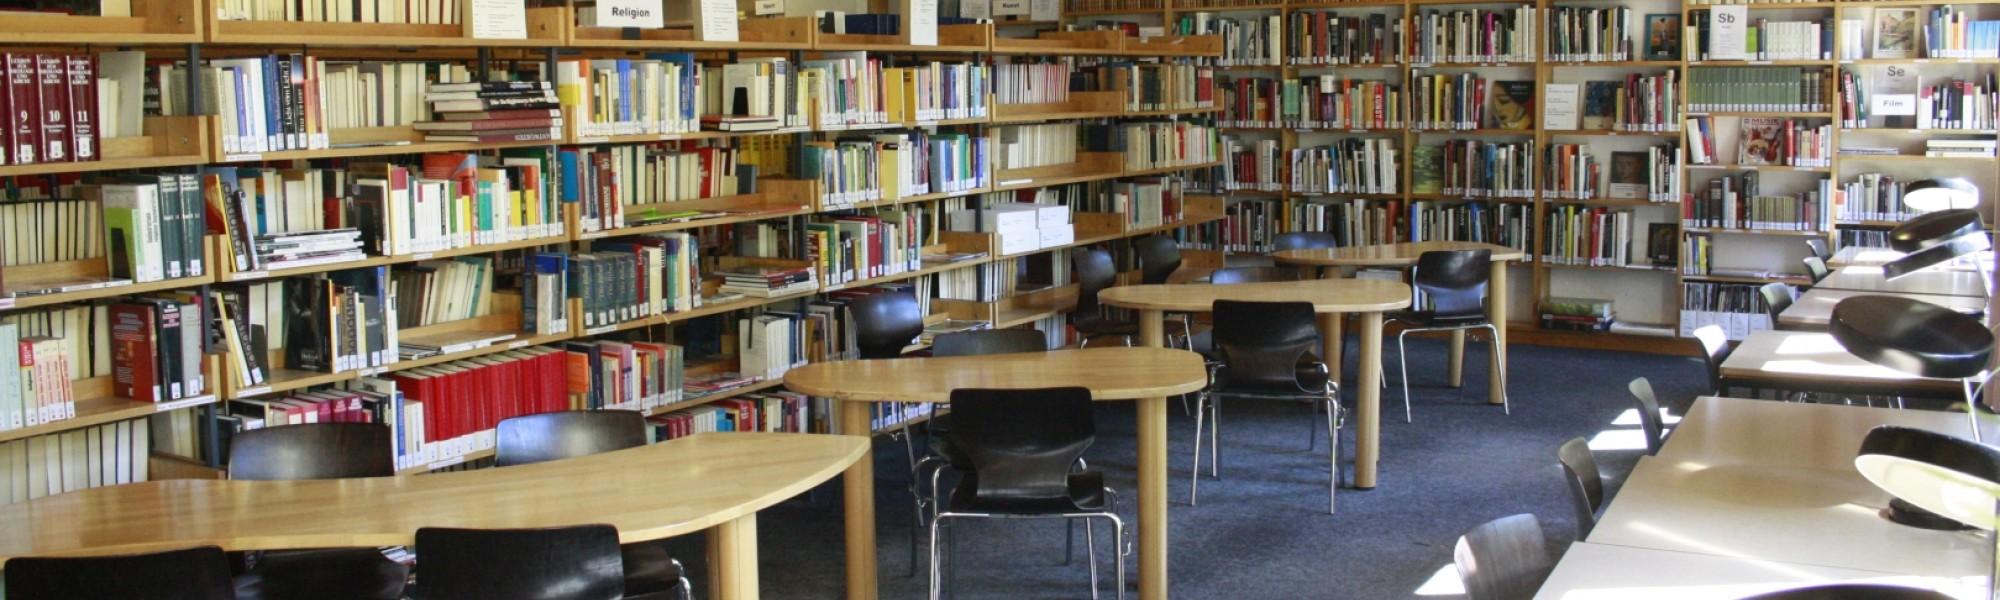 Das große Projekt des Fördervereins: Die Bilbliothek des Kollegs